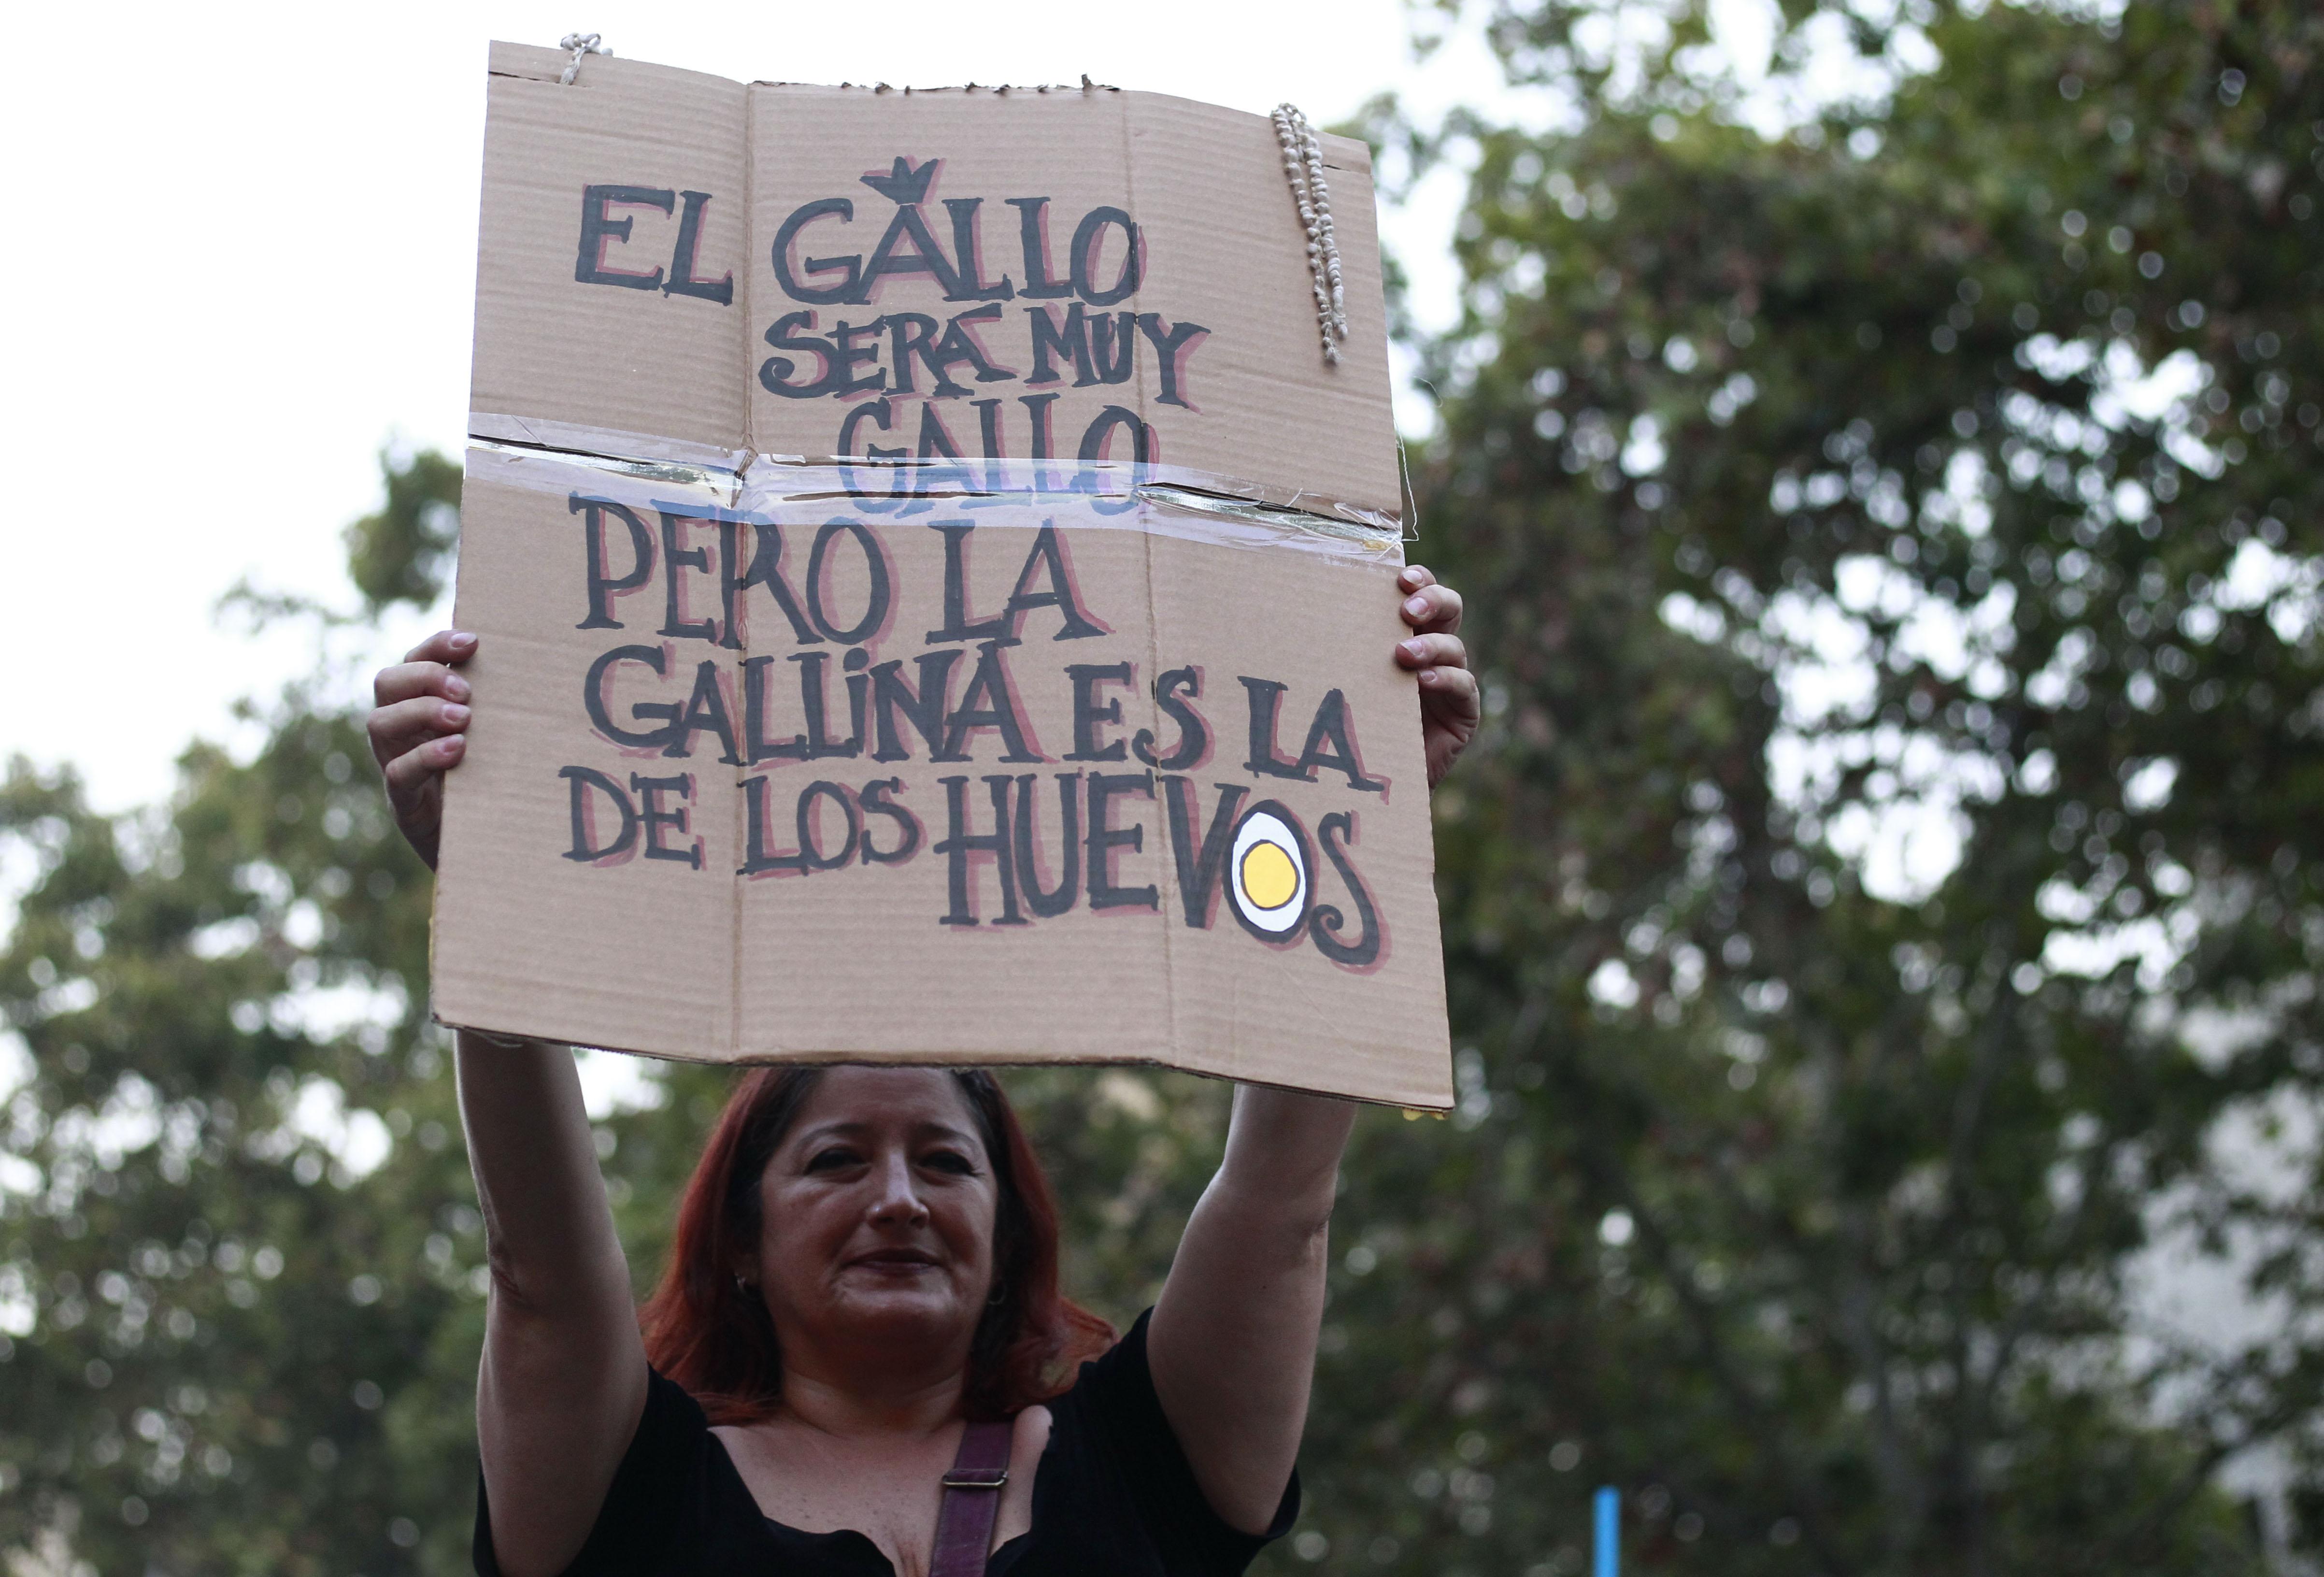 FOTO: RODRIGO SAENZ/AGENCIAUNO